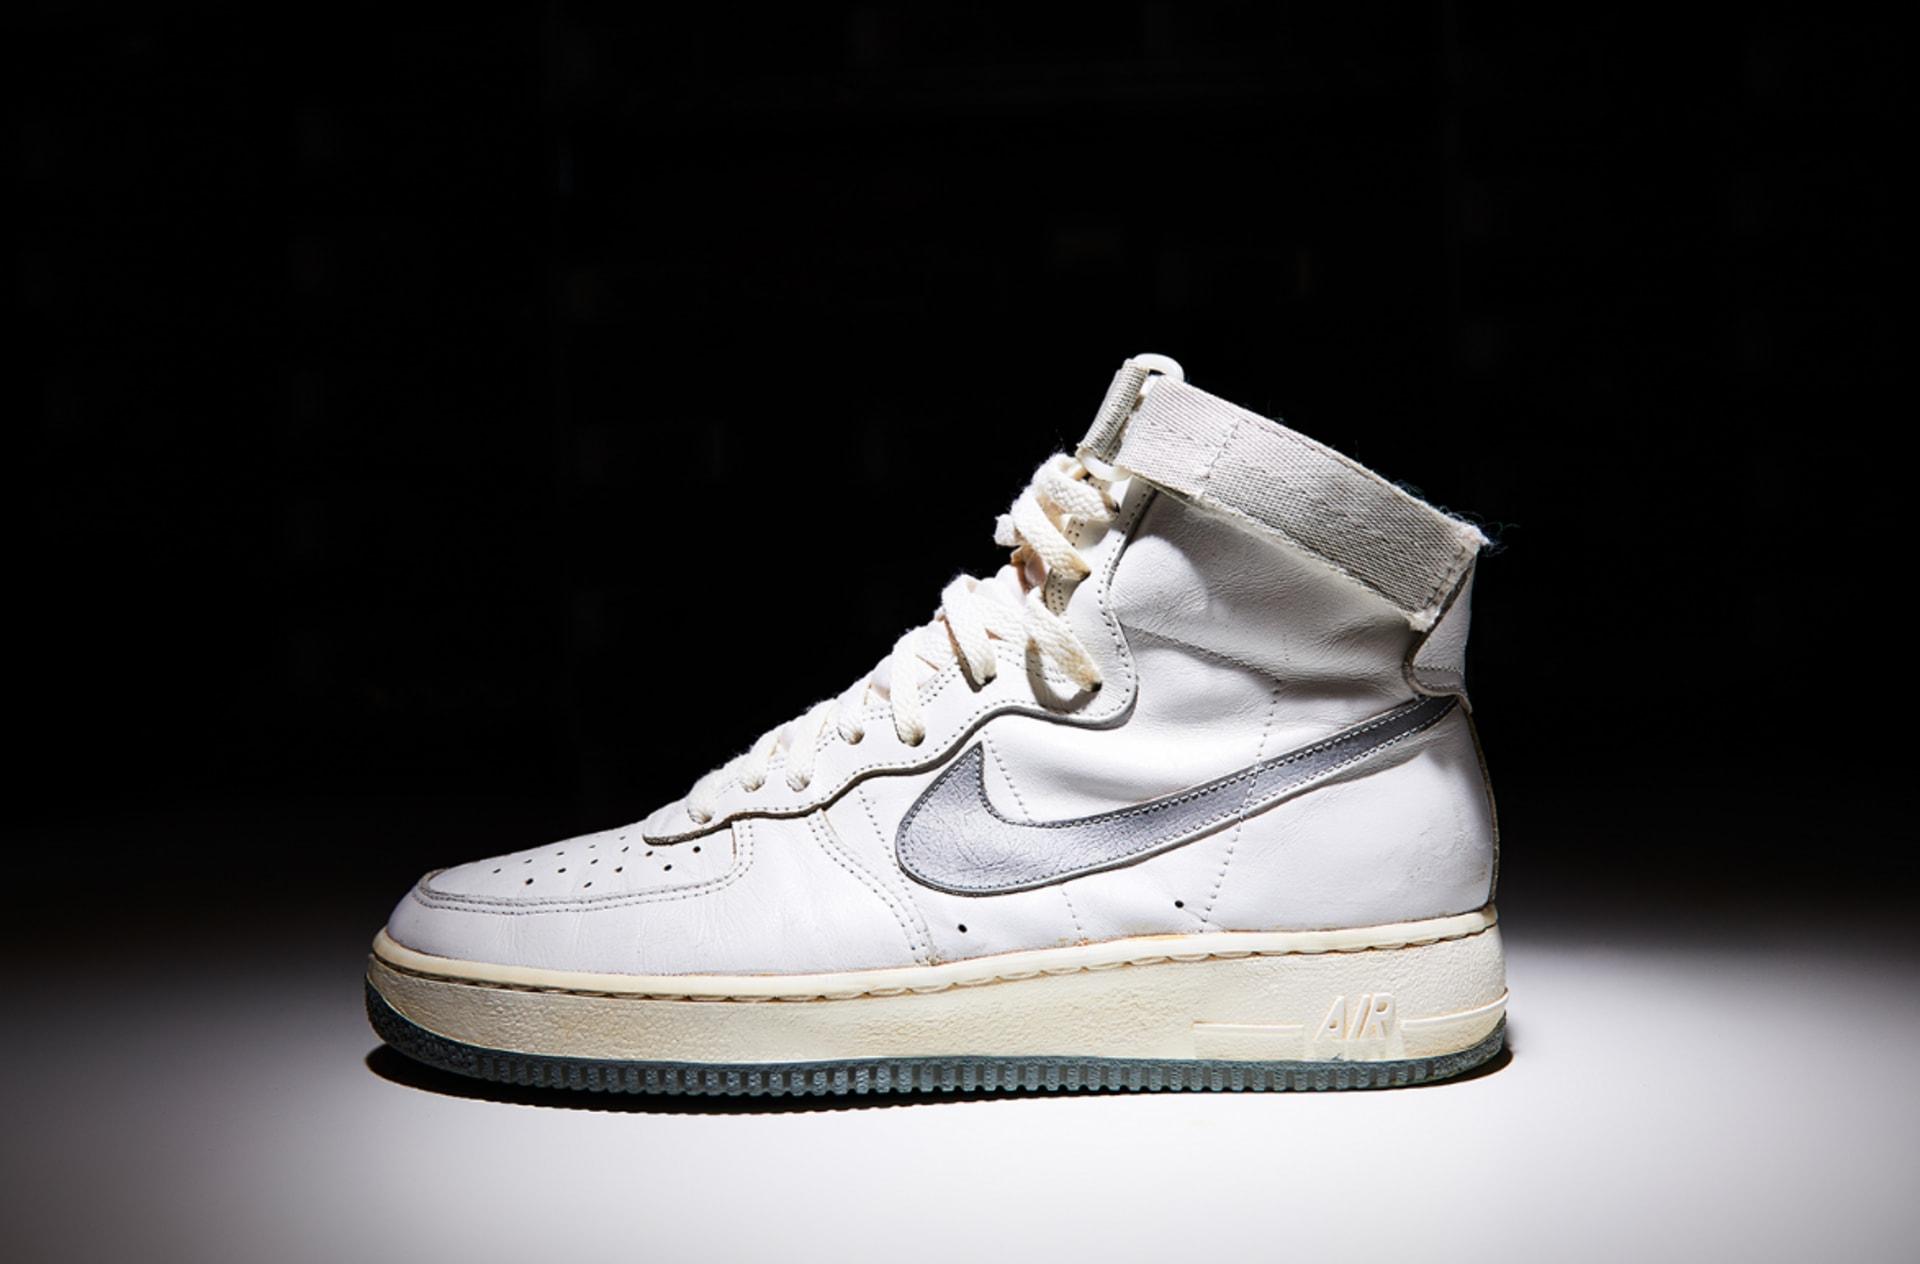 nike air force 1 white high top